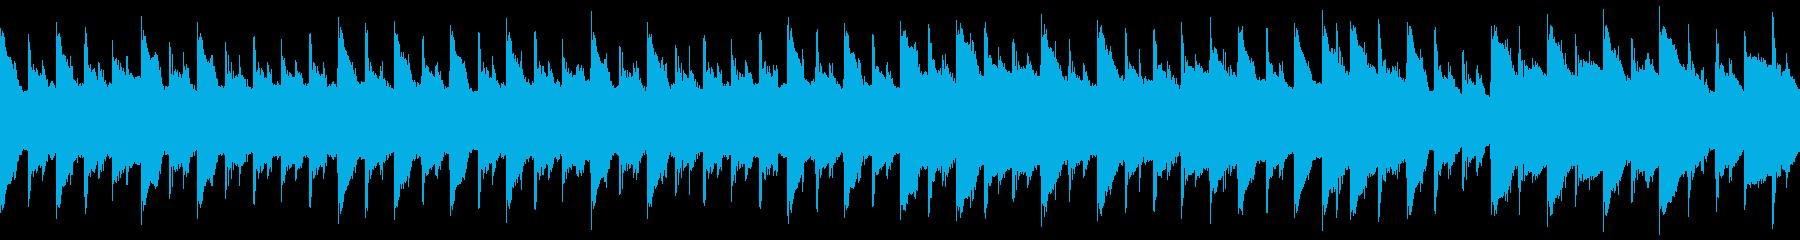 【便利】 木管楽器A おだやか 【定番】の再生済みの波形